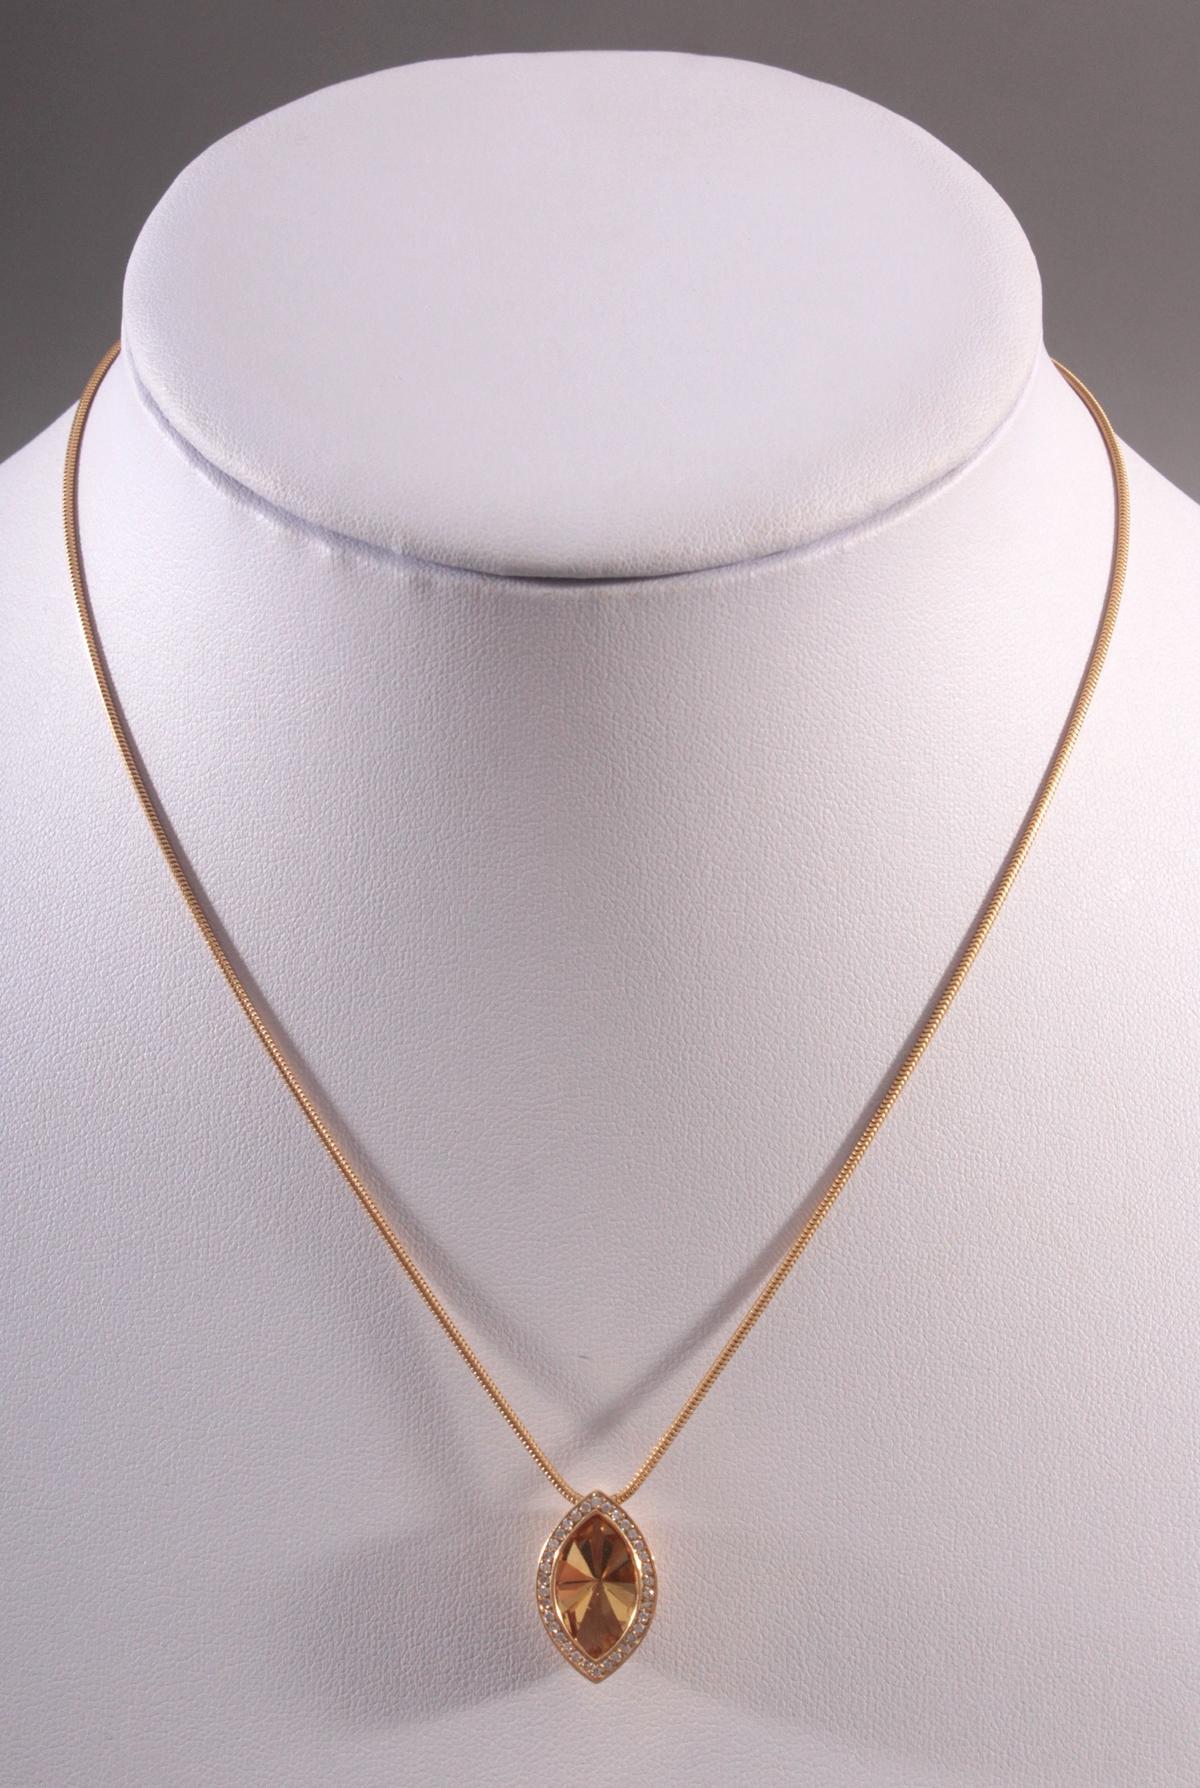 Halskette mit Citrin-Anhänger und Diamanten 18 Karat Gelbgold